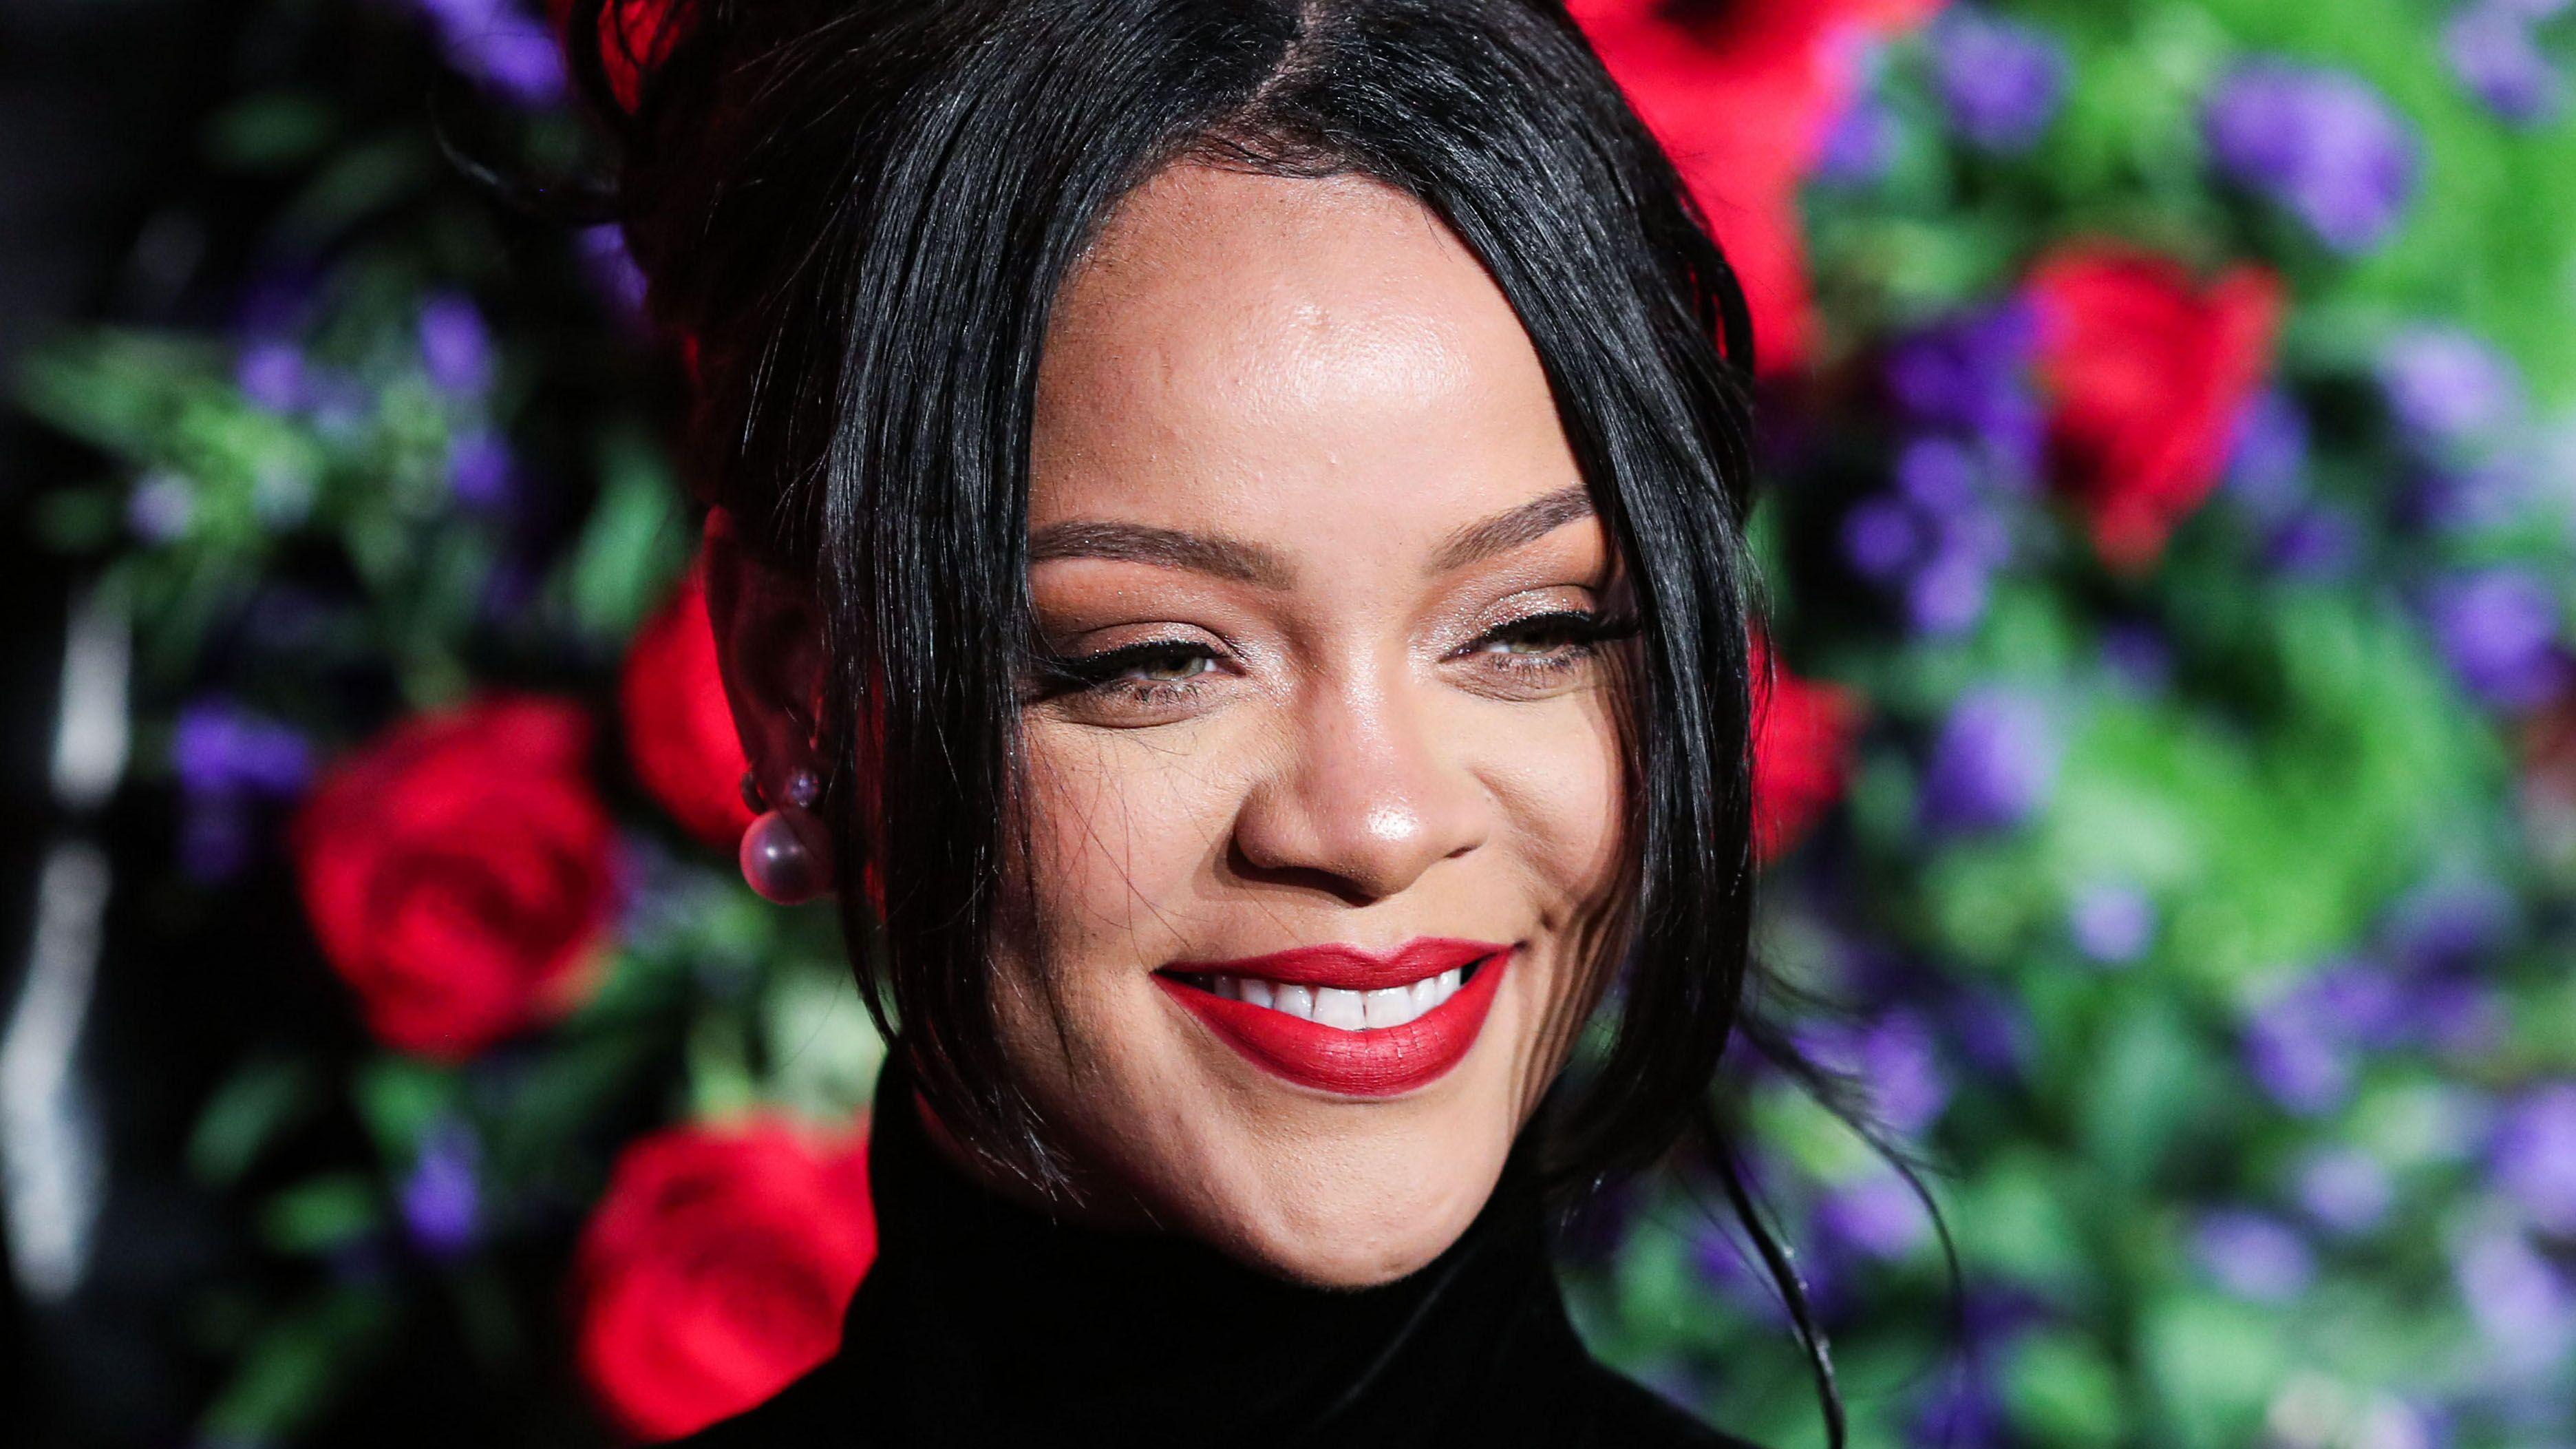 Rihanna enceinte? Ce détail qui rend ses fans complètement fous